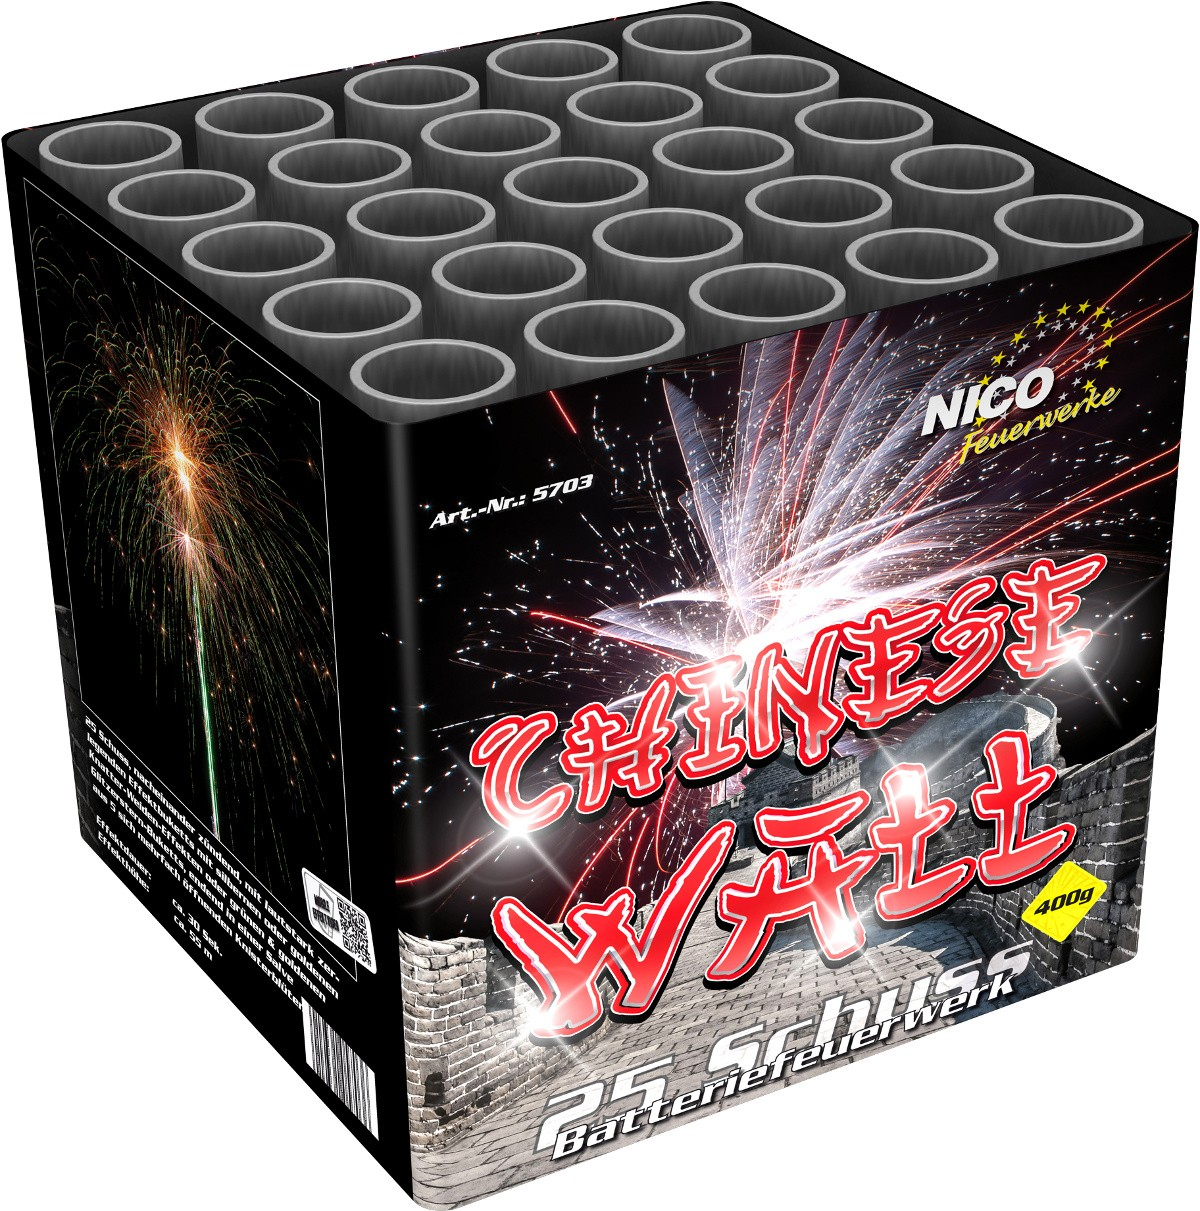 Batterie Feuerwerk Chinese Wall 25 Schuss